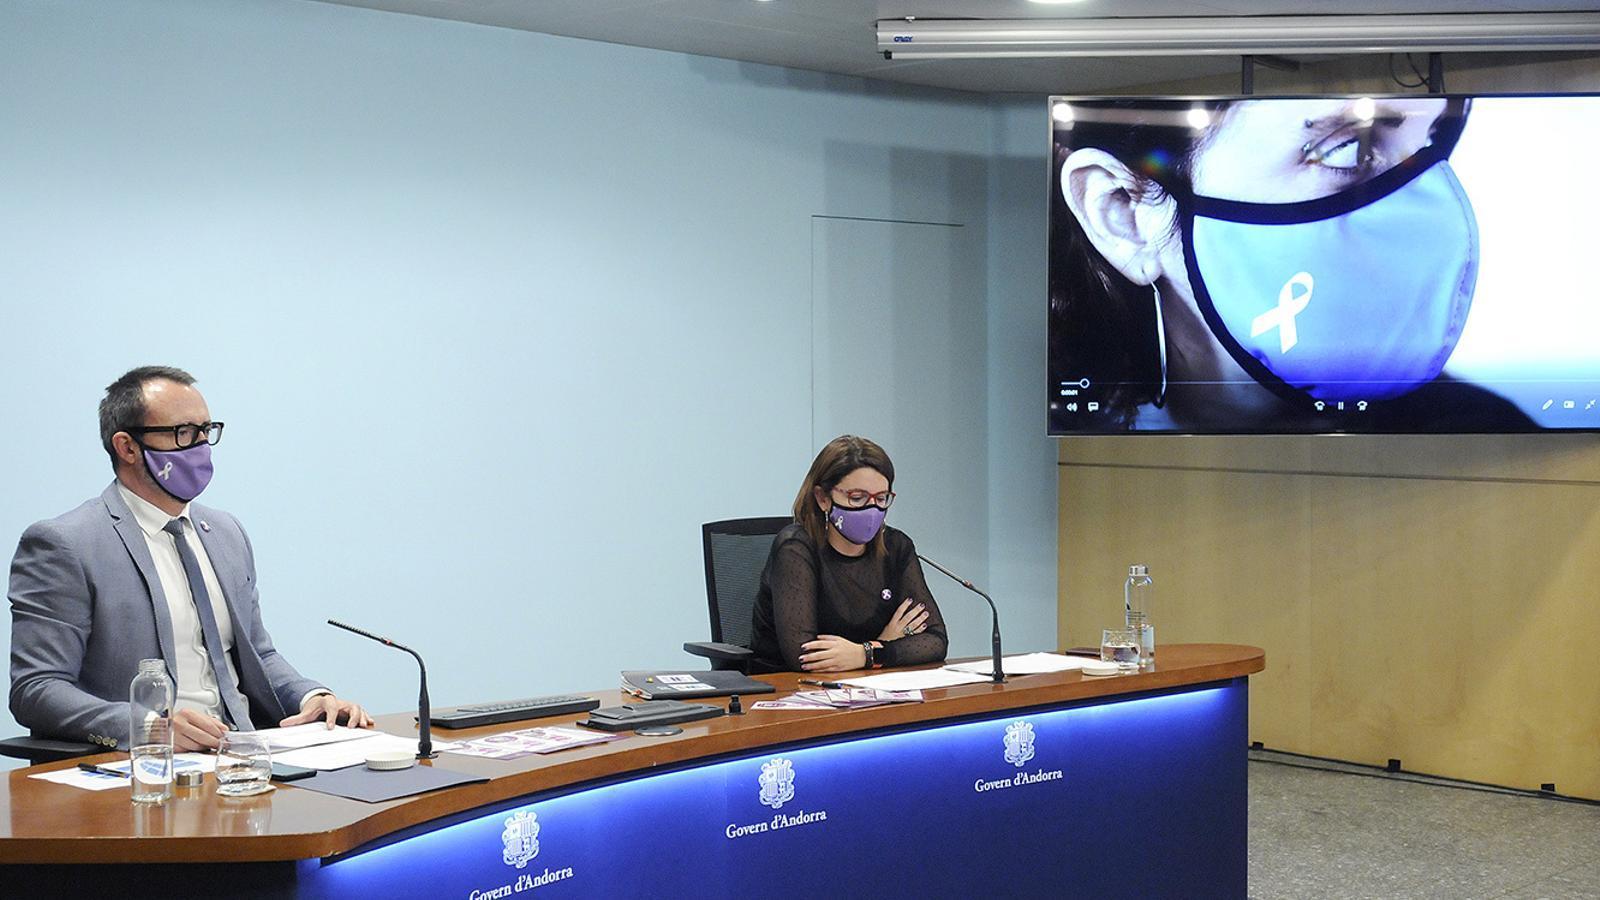 El ministre d'Afers Socials, Habitatge i Joventut, Víctor Filloy, i la cap de l'àrea de Polítiques d'Igualtat, Mireia Porras, durant la roda de premsa. / SFG